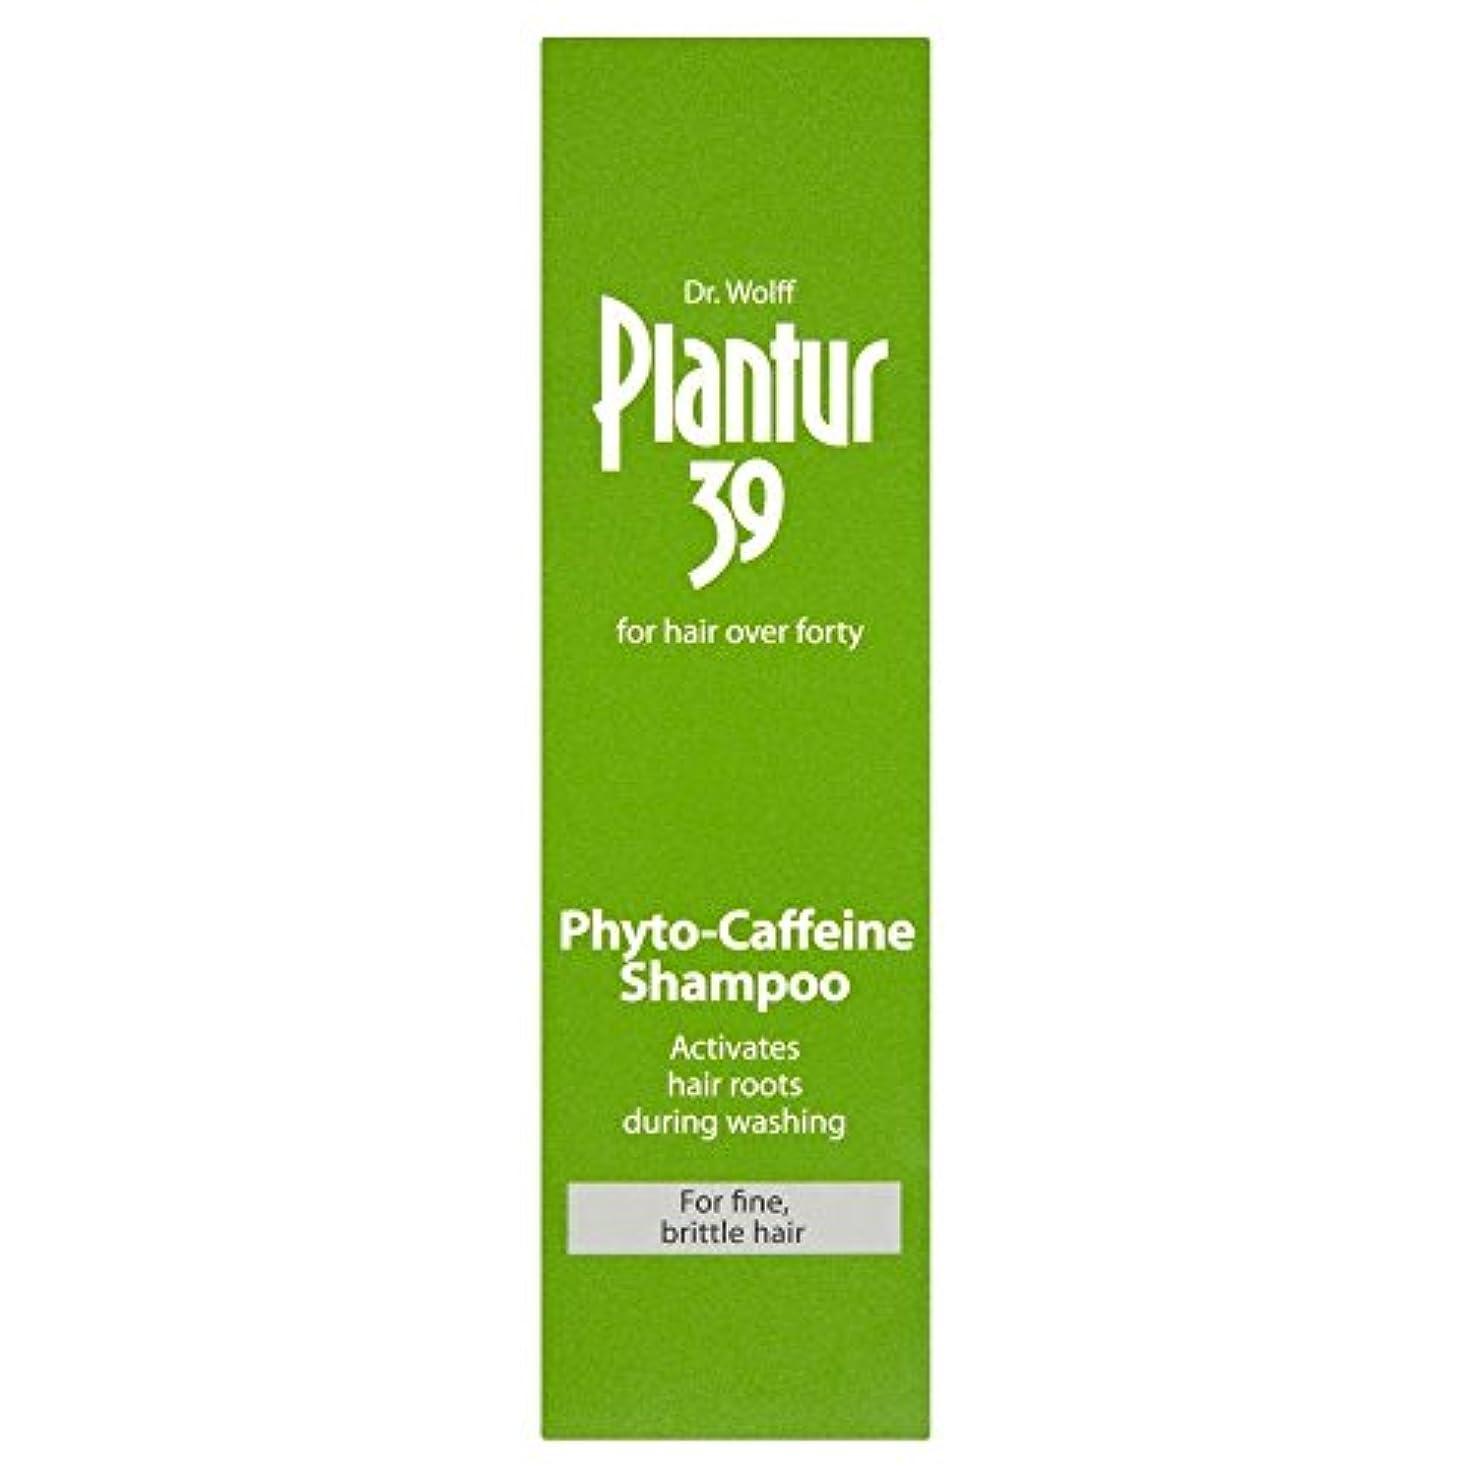 テロリスト書士解明するPlantur 39 Phyto Caffeine Shampoo for Coloured & Stressed Hair (250ml) 色や髪を強調した( 250ミリリットル)のための39フィトのカフェインシャンプー...